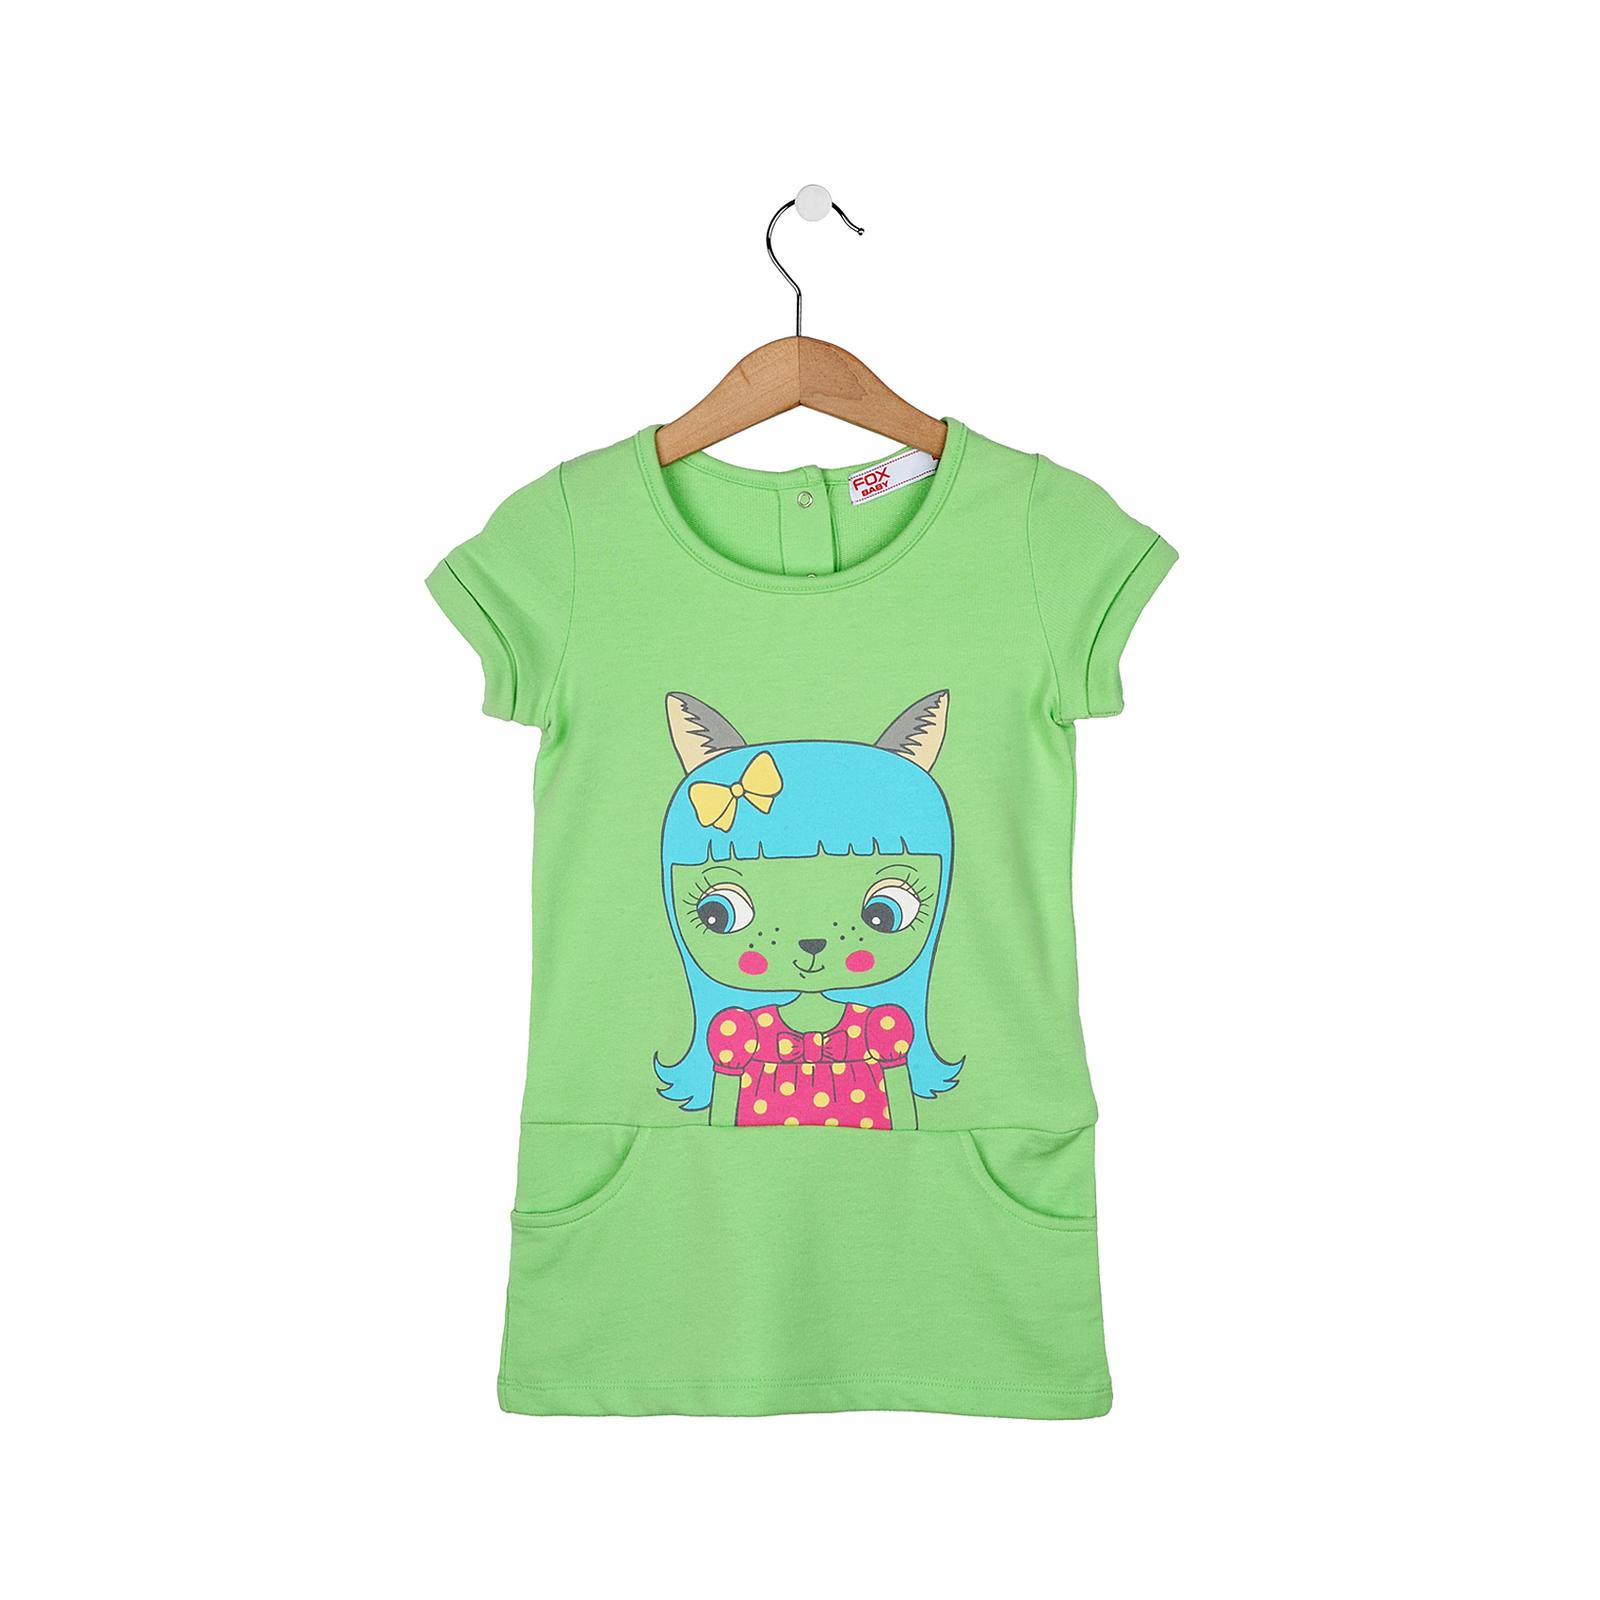 Платье для девочек FOX, цвет мятный 12-18 мес.